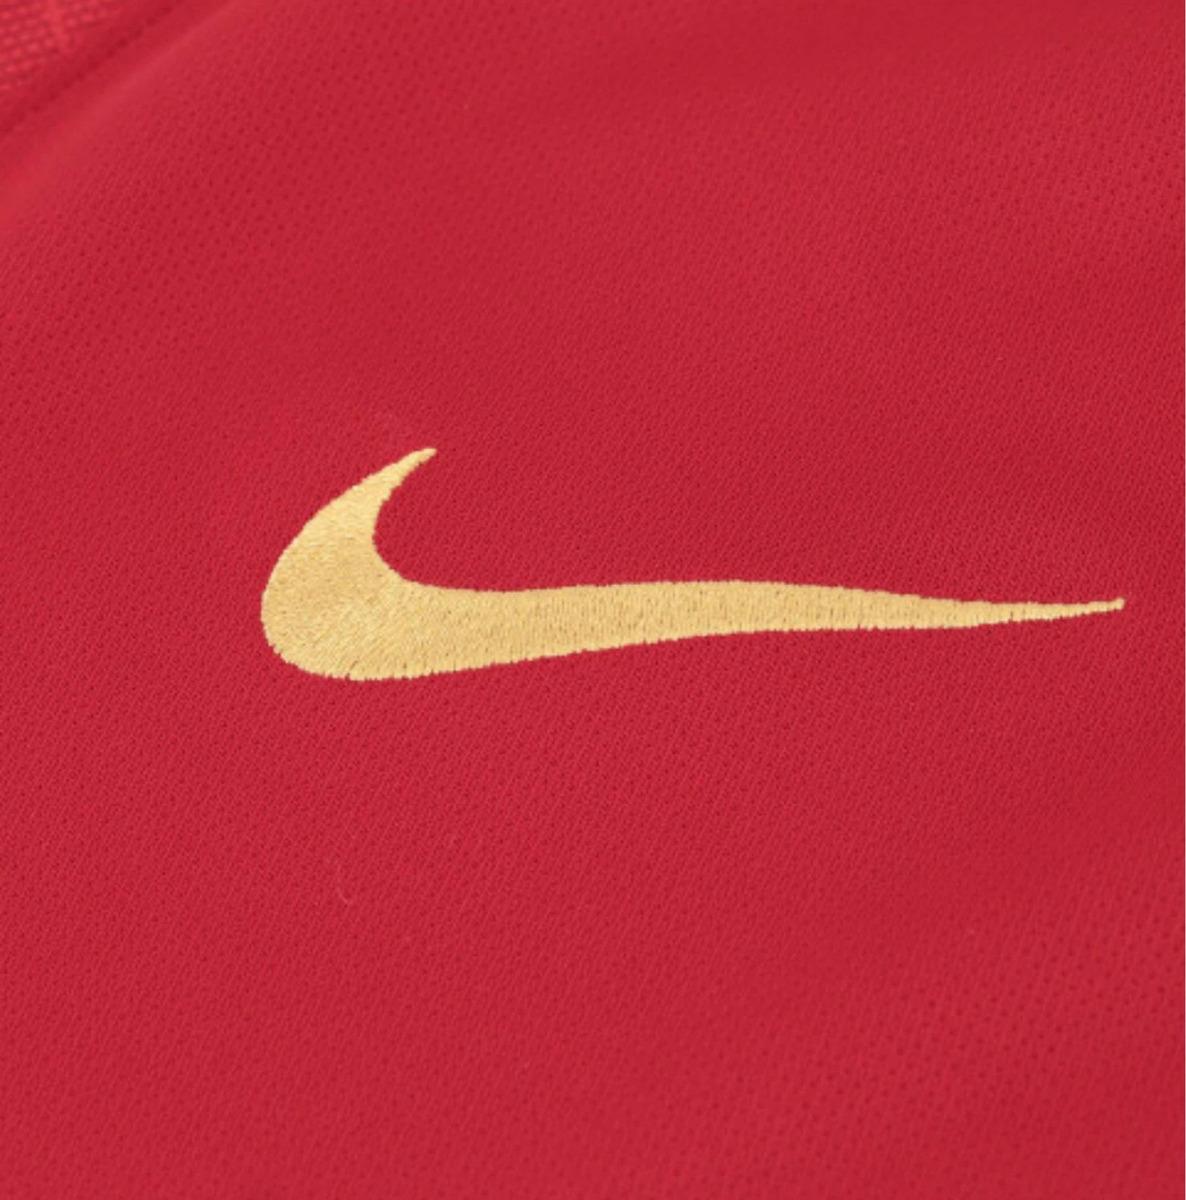 Camisa Nike Seleção Portugal Copa Mundo 2018 Original - R  129 fc8d9bd5ce85e